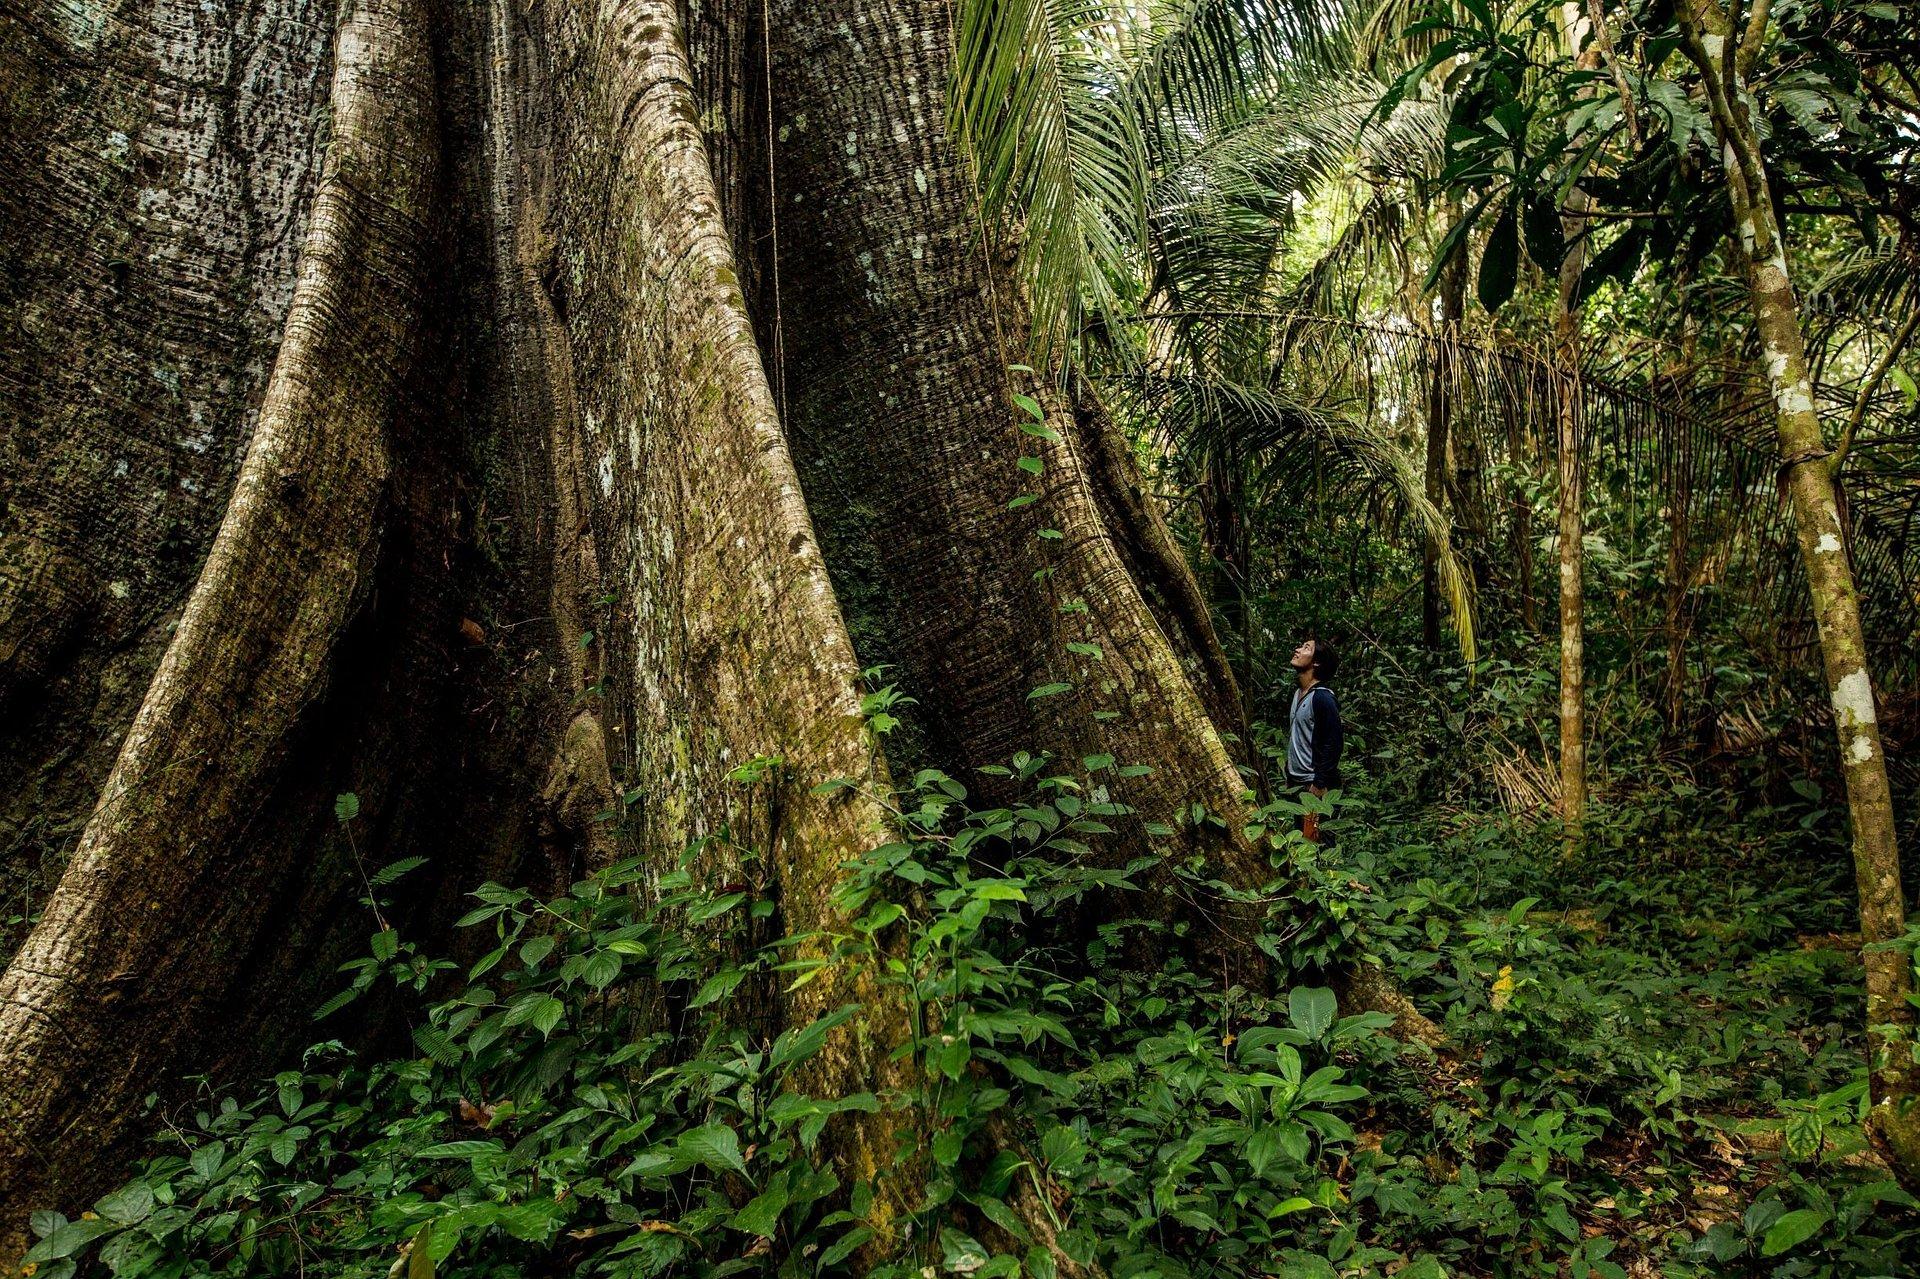 """Kingfisher został członkiem-założycielem inicjatywy """"Forest Allies"""" w ramach organizacji Rainforest Alliance"""